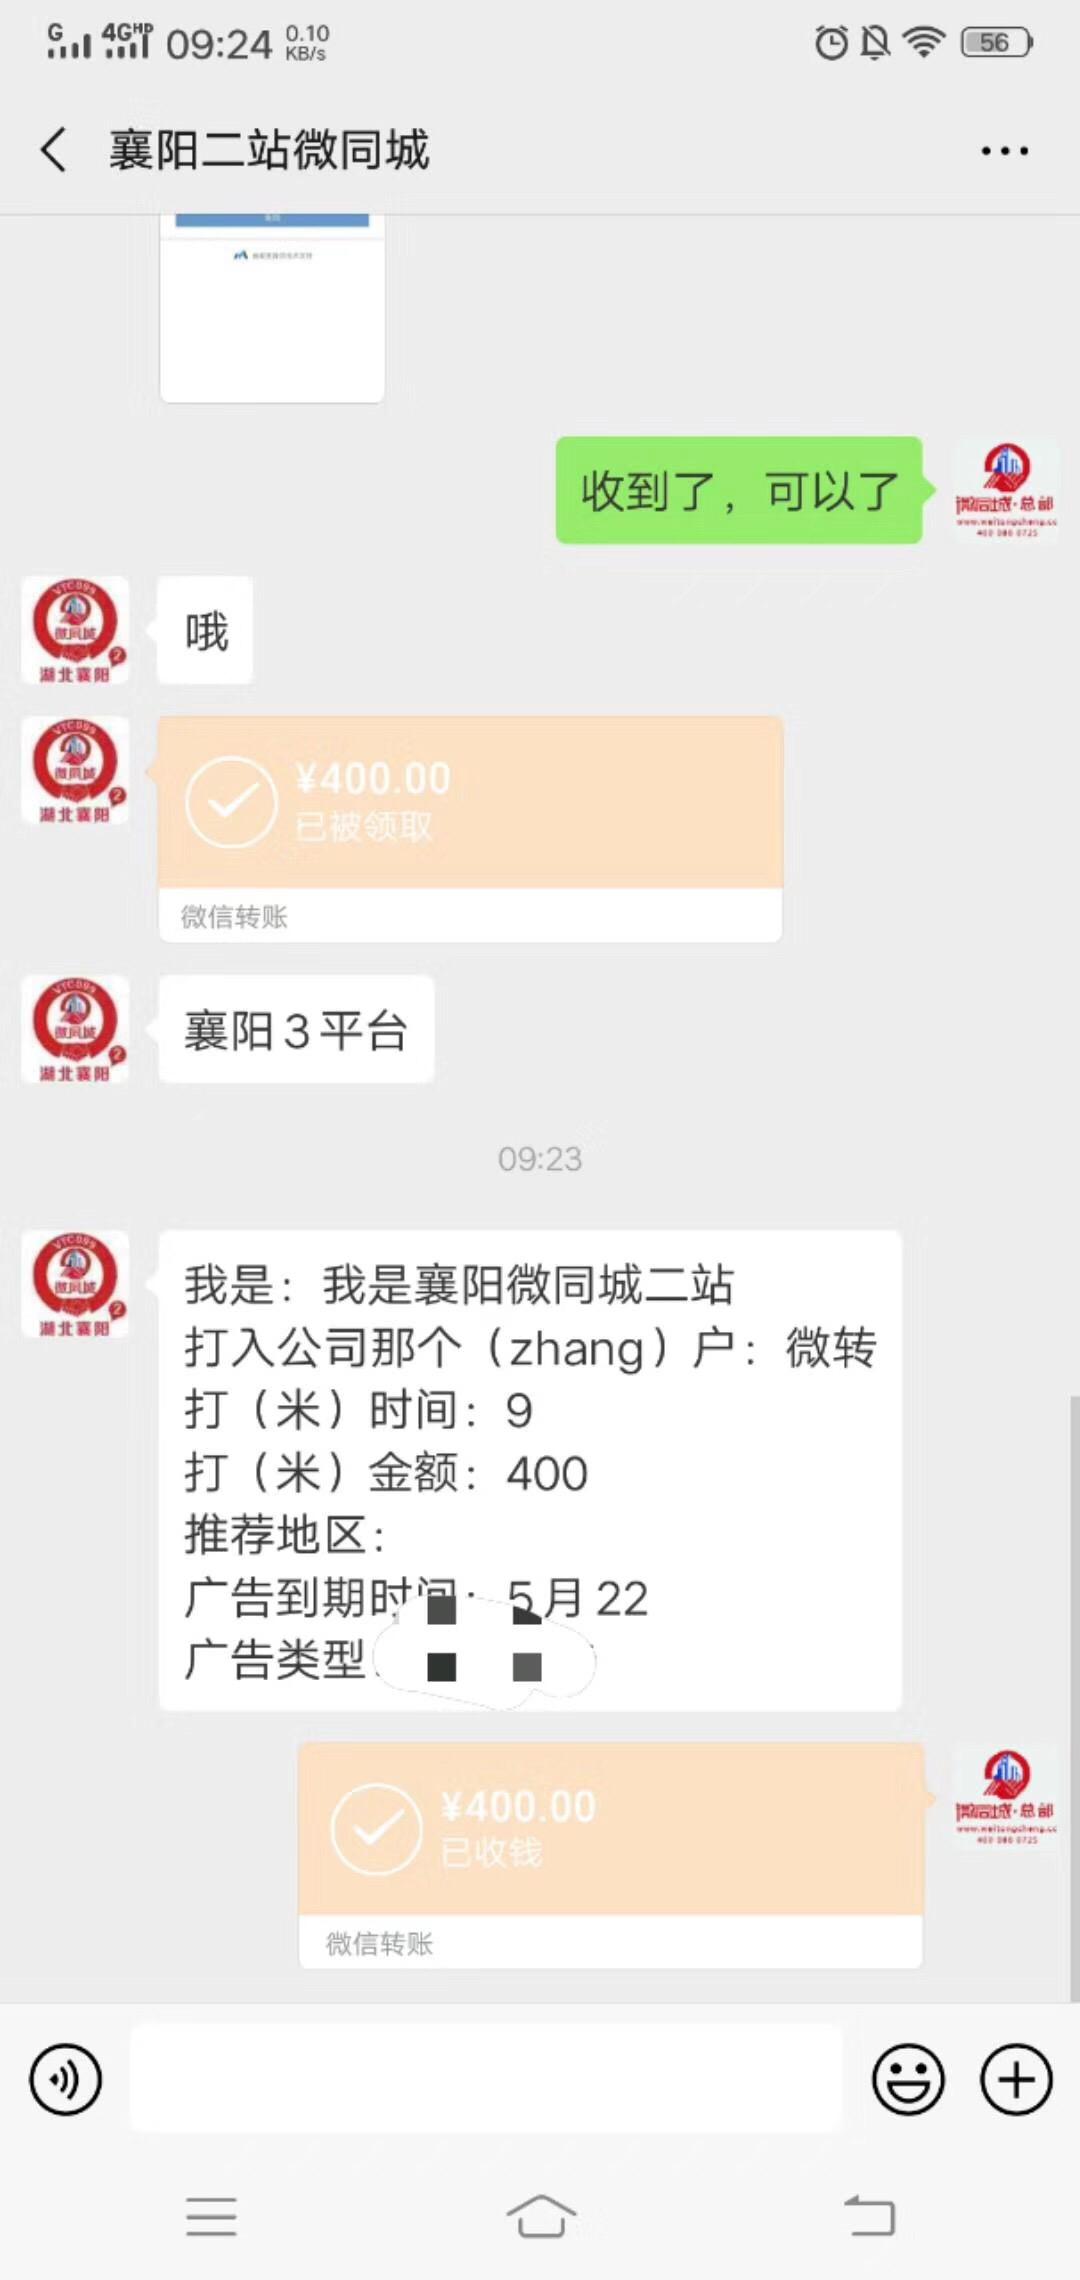 【商家推广襄阳三个平台】祝贺襄阳微全城微帮二站